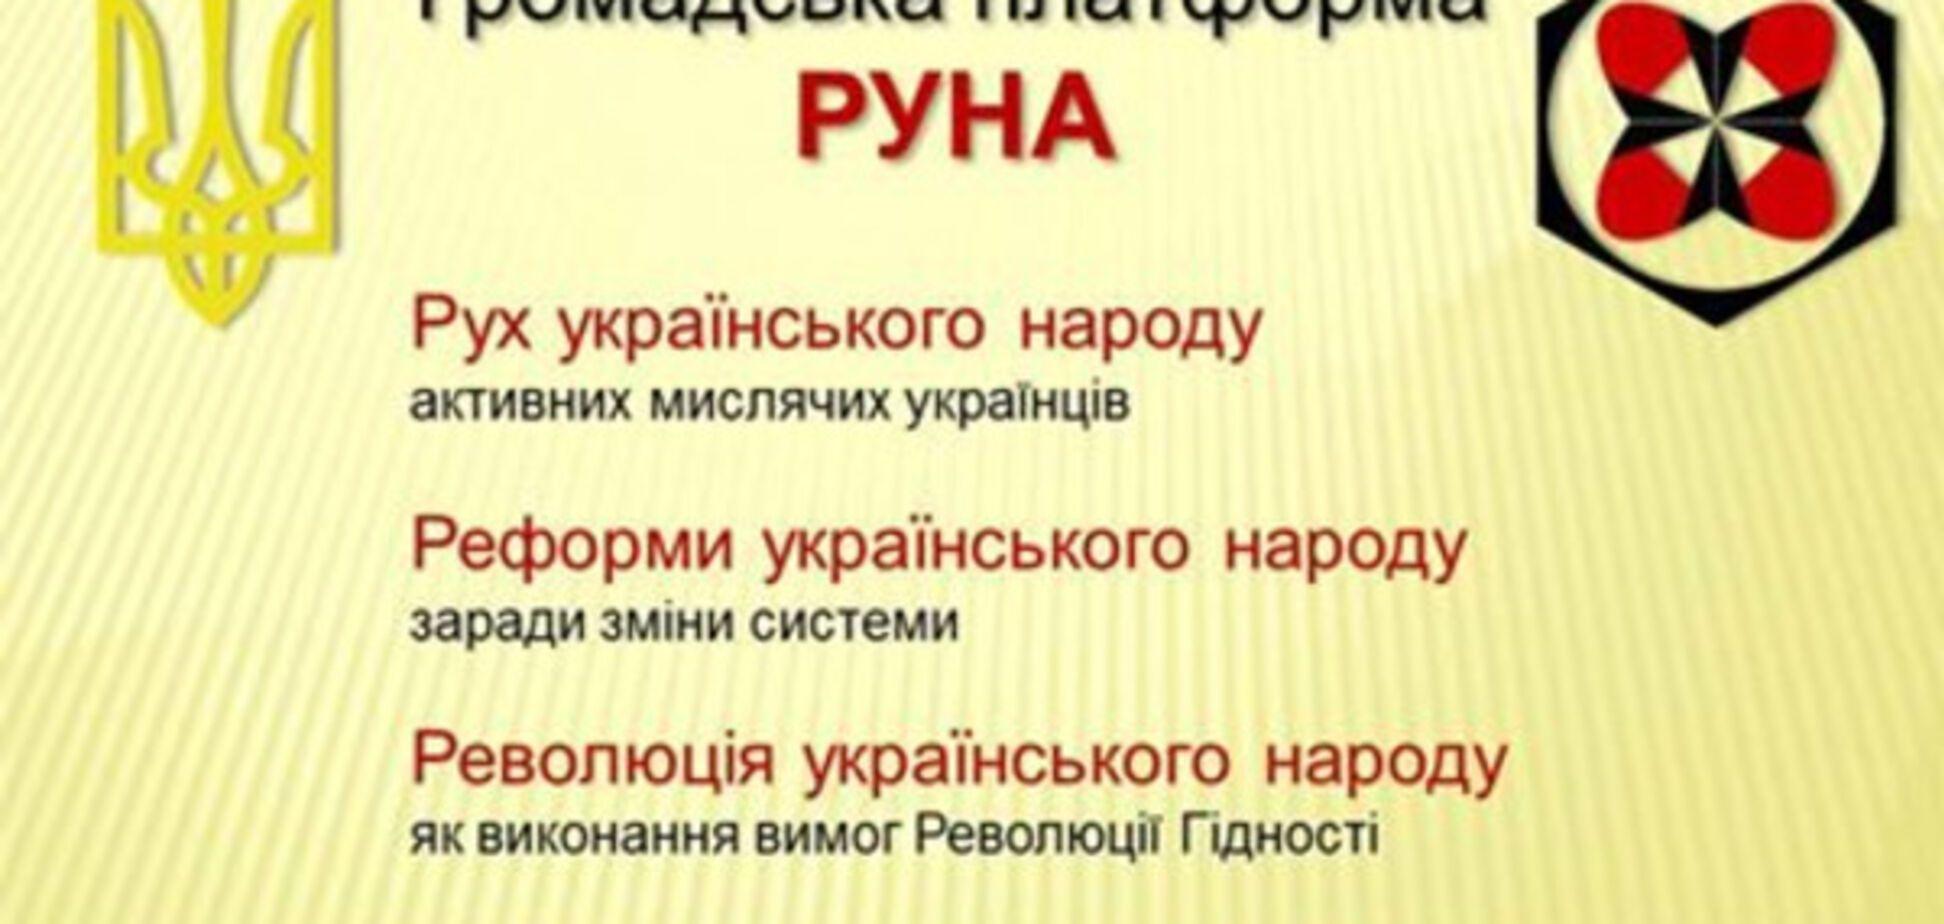 Общественная платформа \'РУНА\'